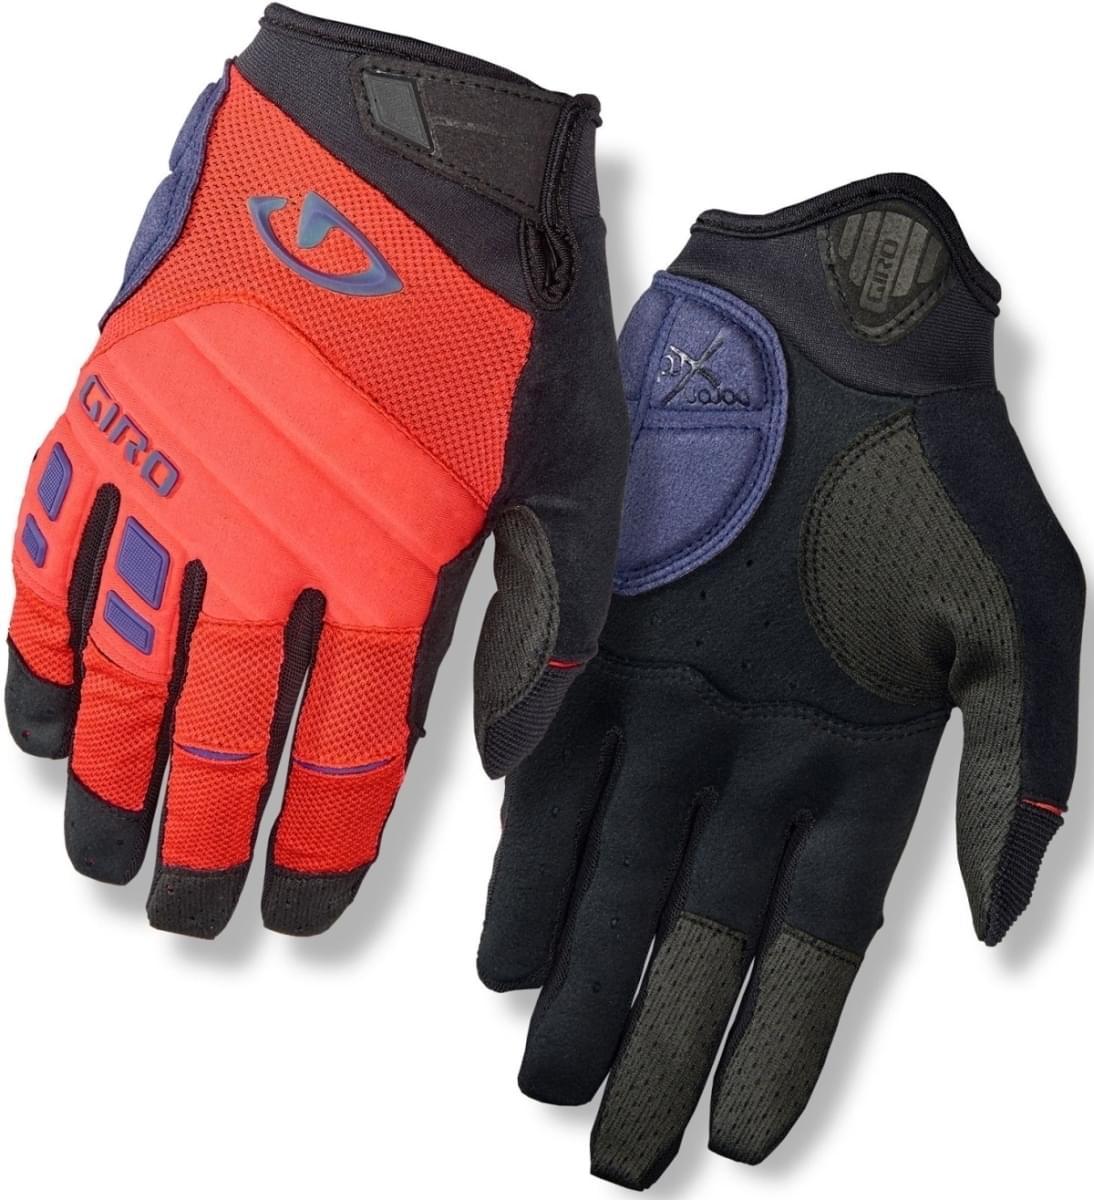 Dlouhé cyklistické rukavice Giro Xen Vermillion Ultraviolet - Ski a ... 879b438746